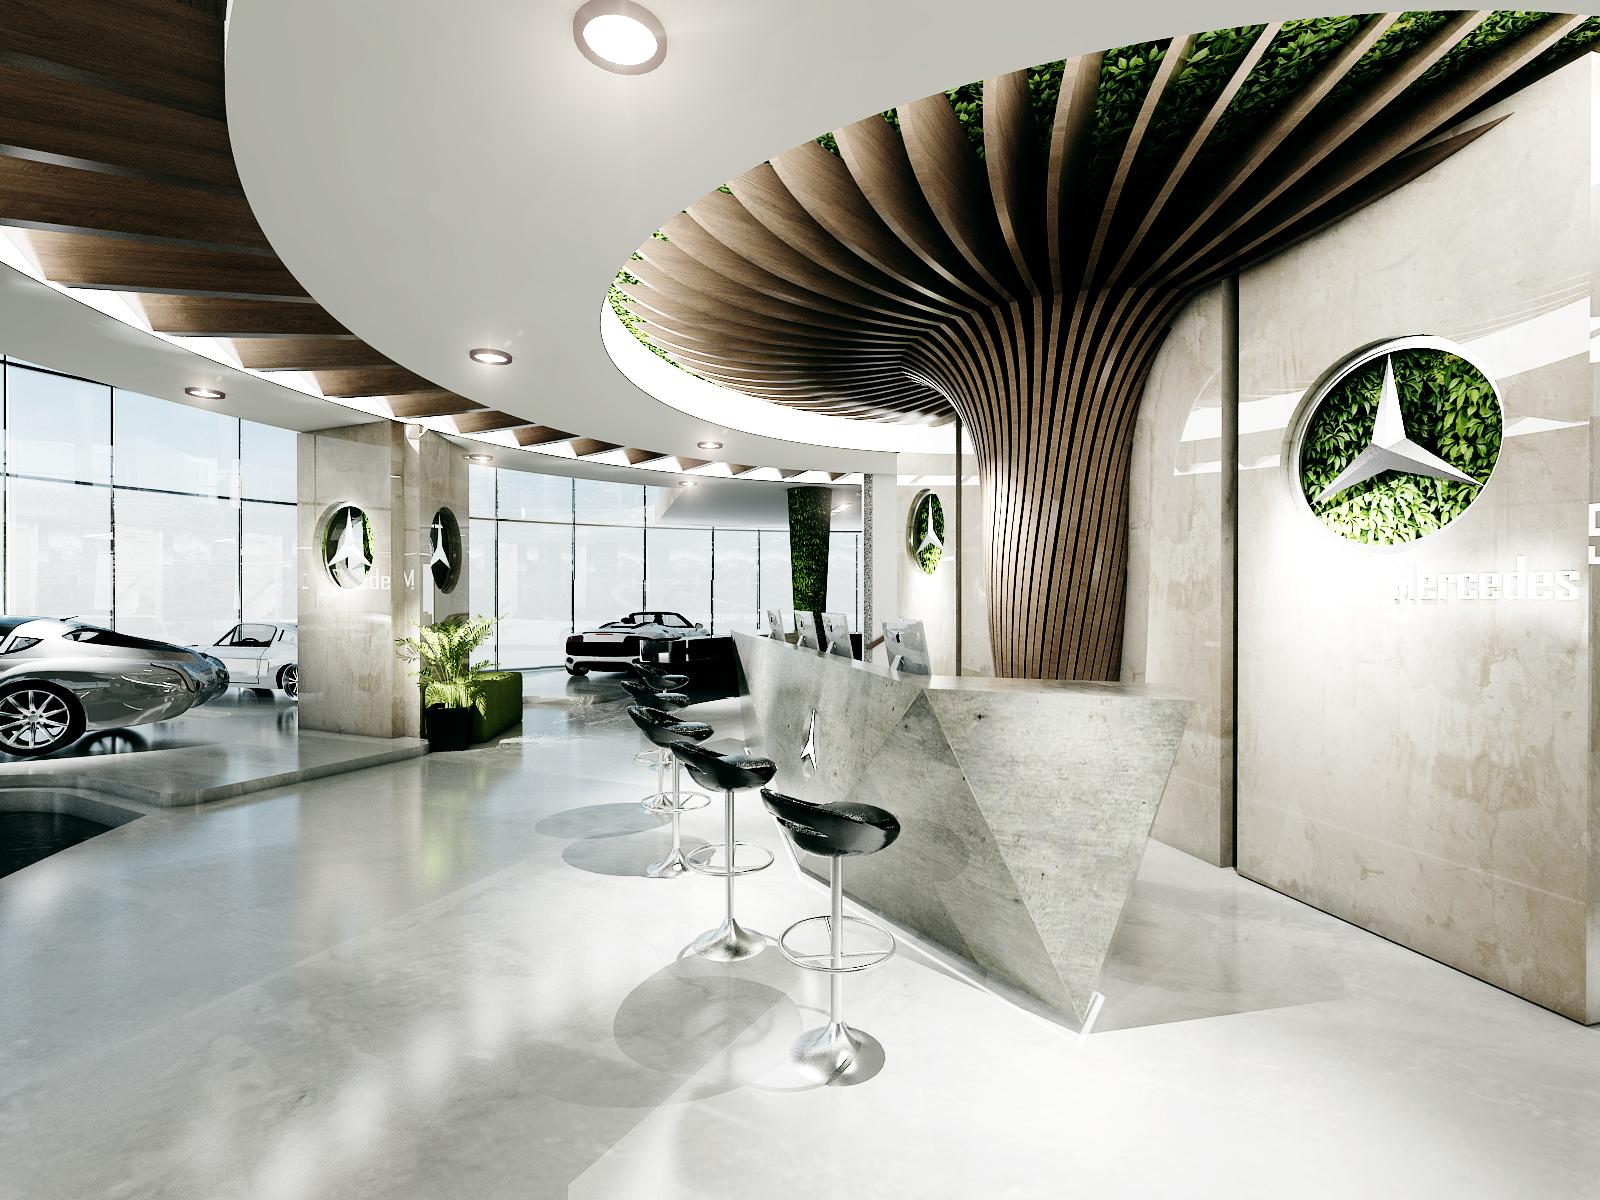 thiết kế nội thất Showroom tại Đà Nẵng THIẾT KẾ SHOWROOM TRƯNG BÀY XE MERCEDES - TP ĐÀ NẴNG 6 1534150432